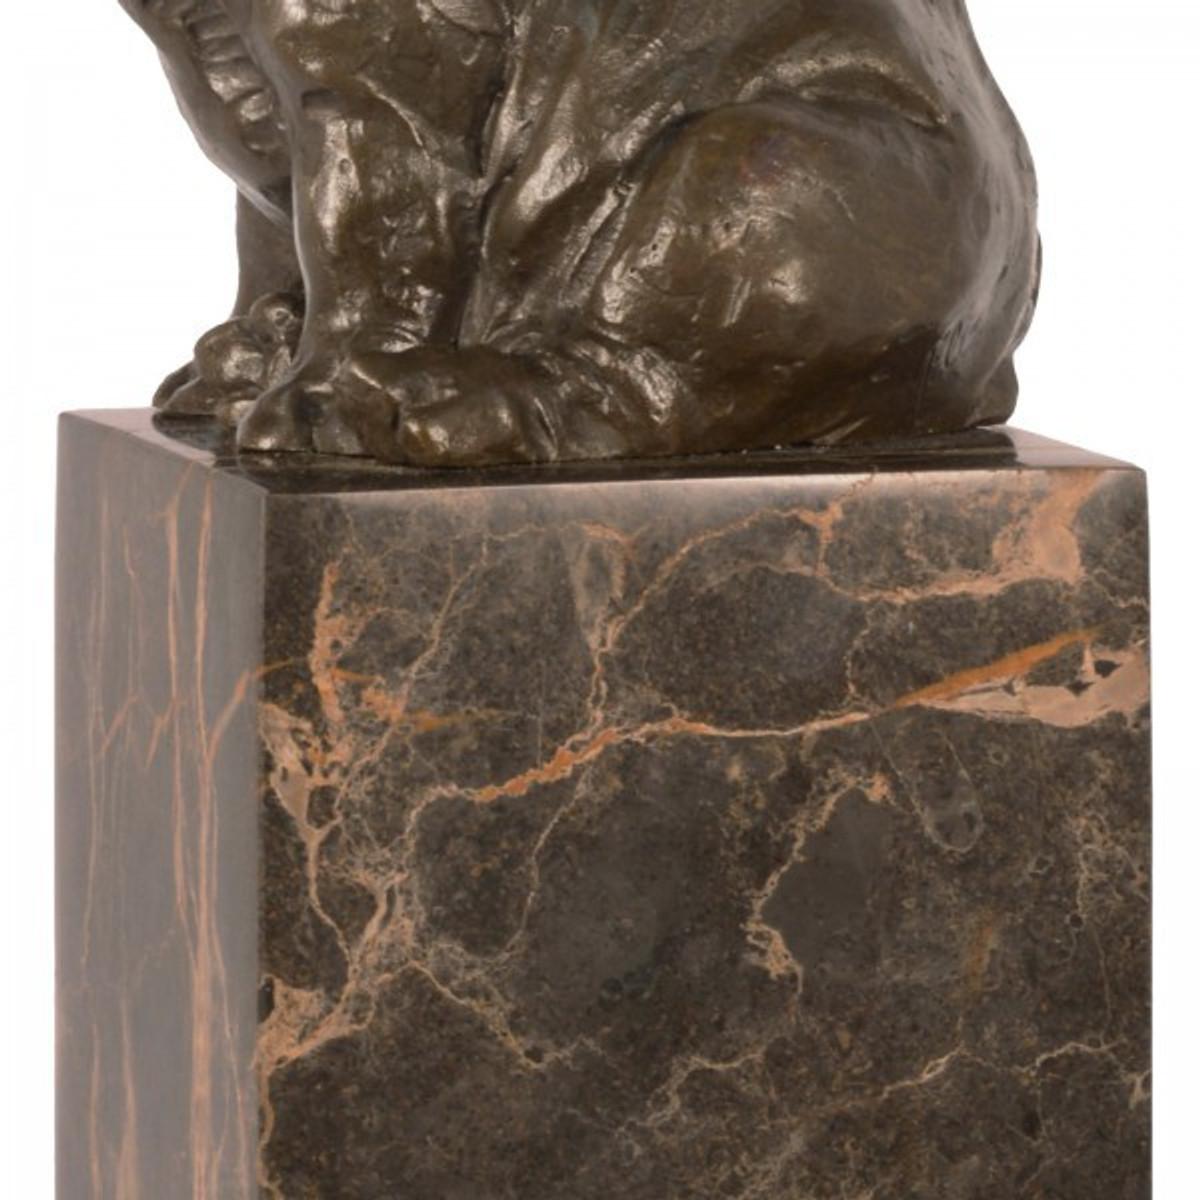 Bronzefigur Tier Figur Nashorn sitzend auf Marmorblock als edle Geschenkidee.